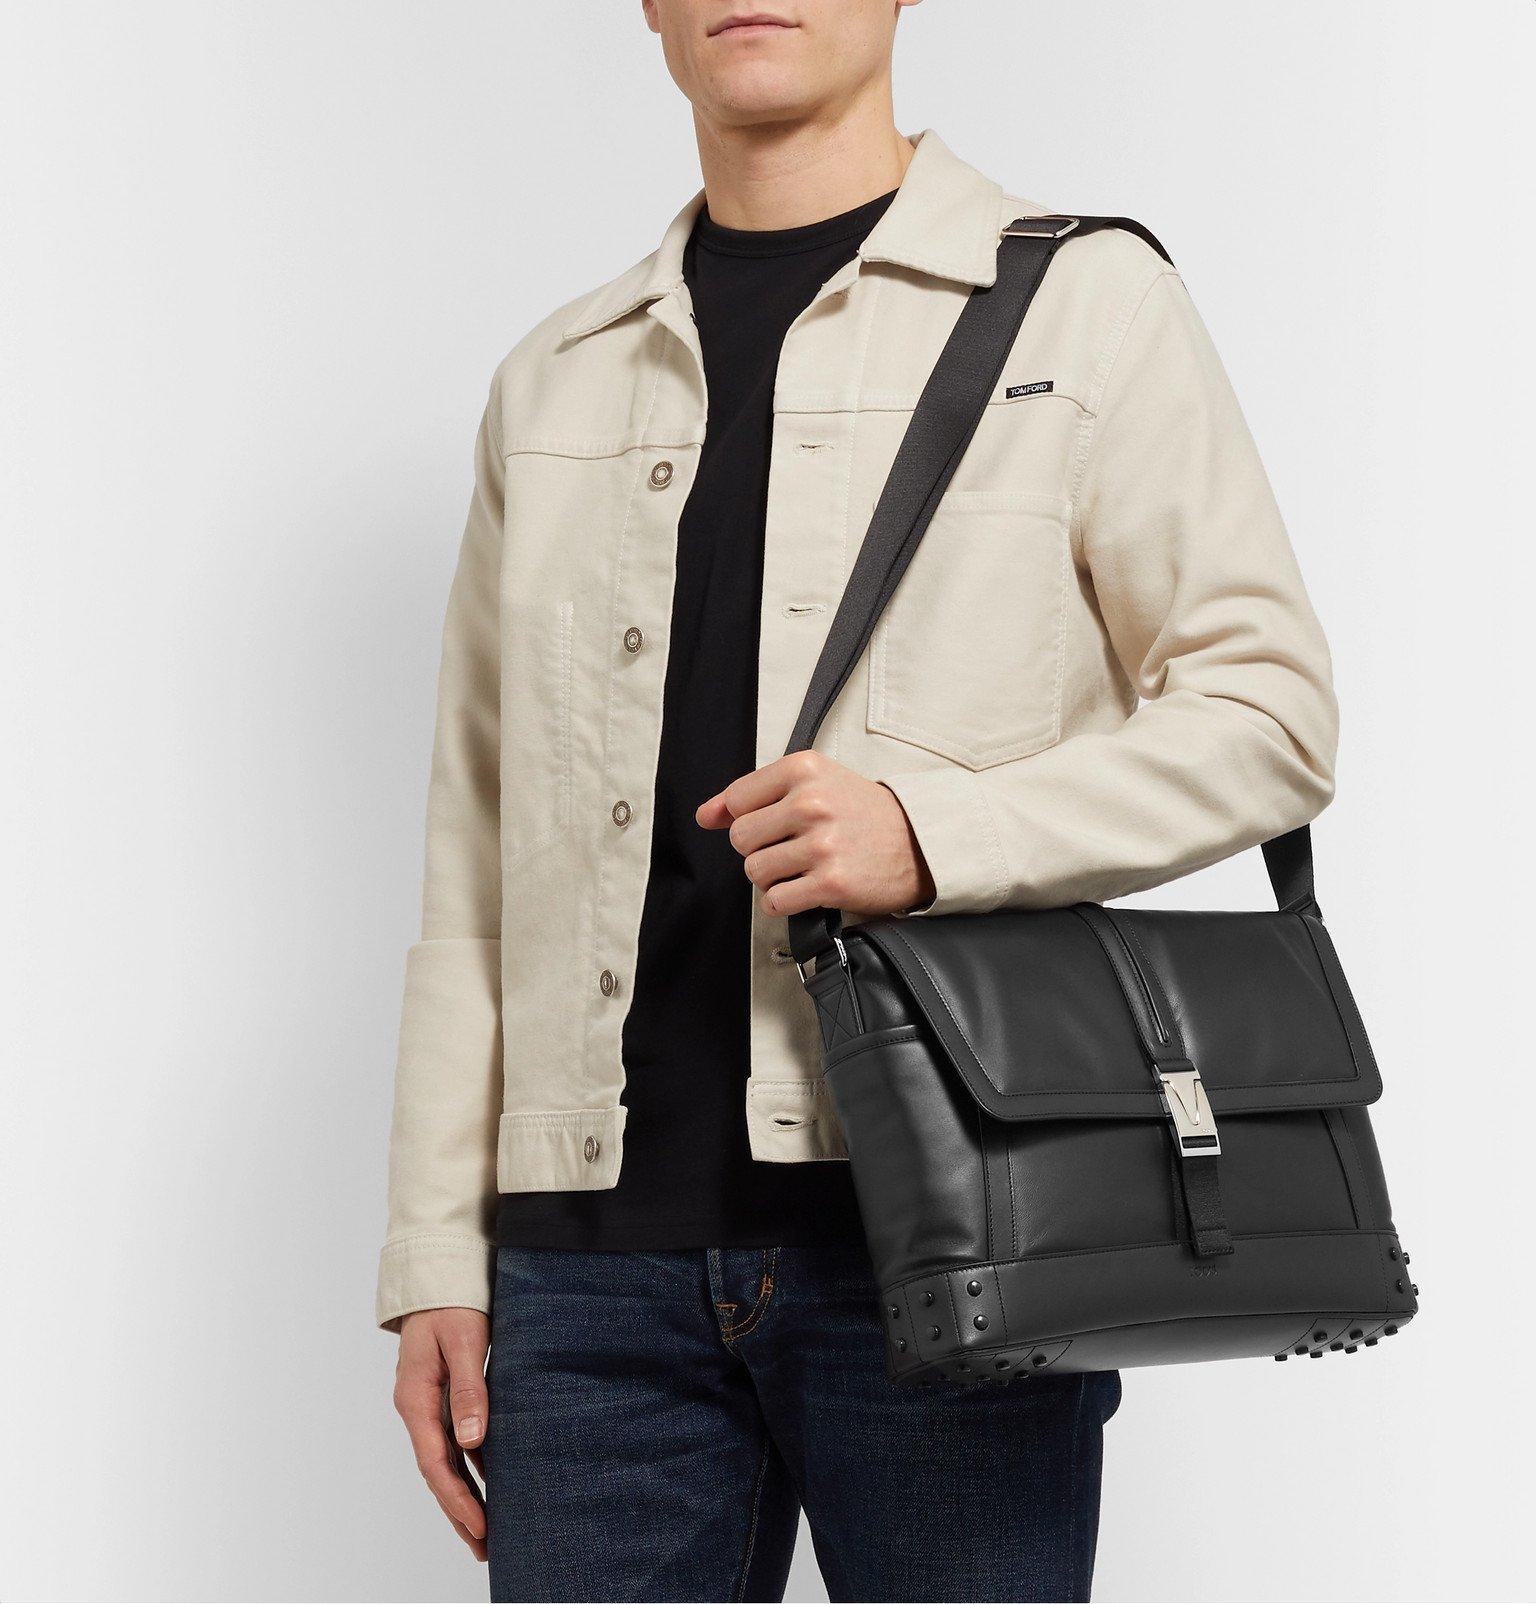 Tod's - Gommino Leather Messenger Bag - Black